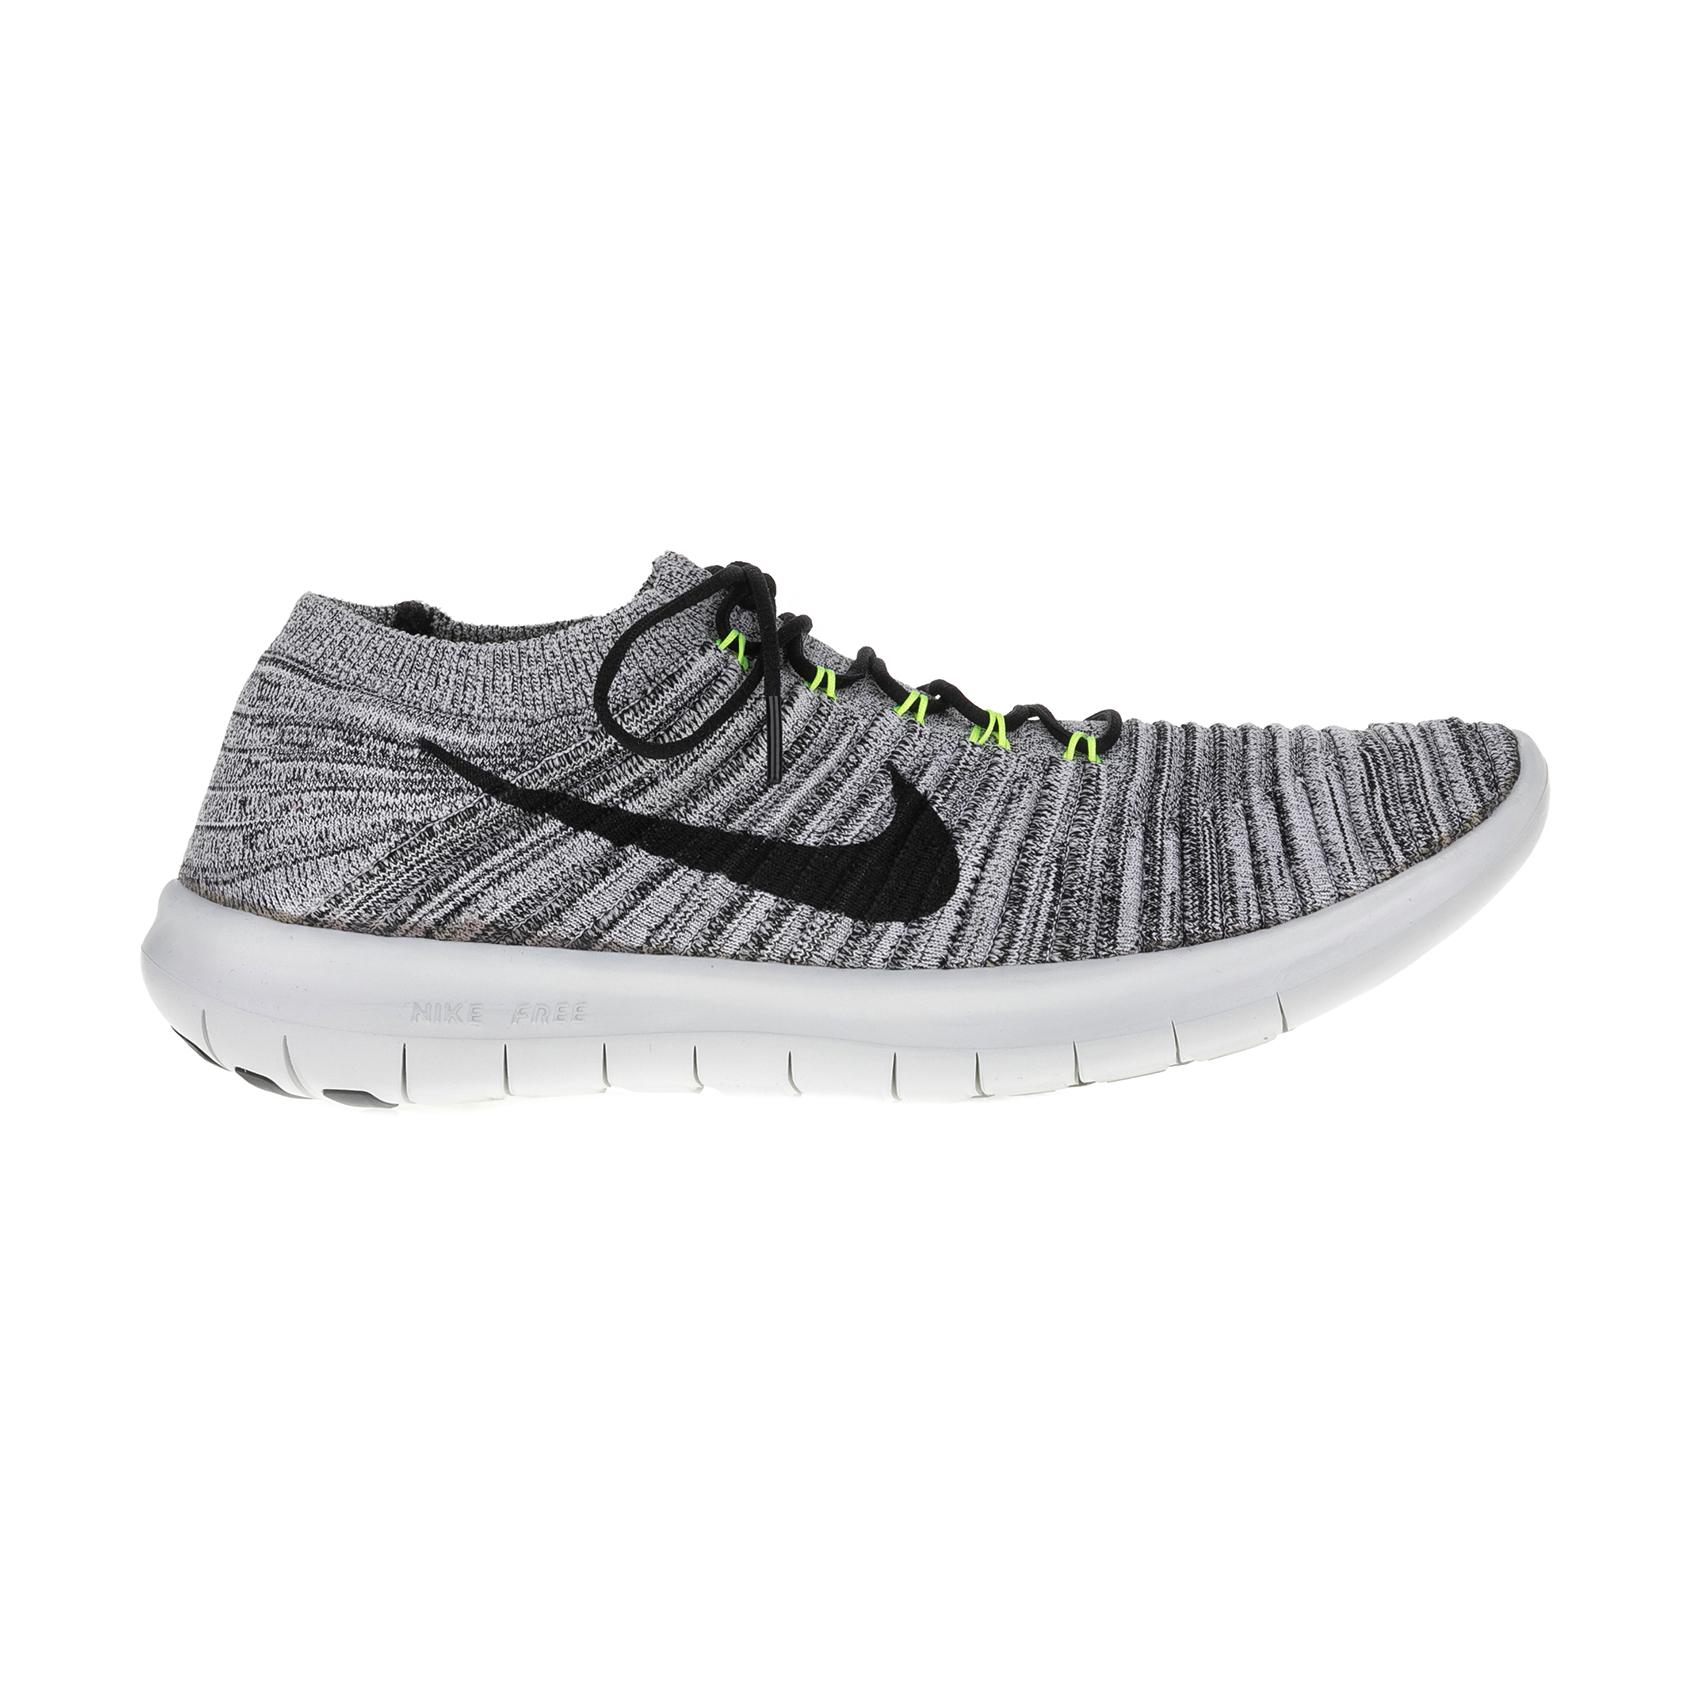 NIKE – Ανδρικά αθλητικά παπούτσια Nike FREE RN MOTION FLYKNIT γκρι